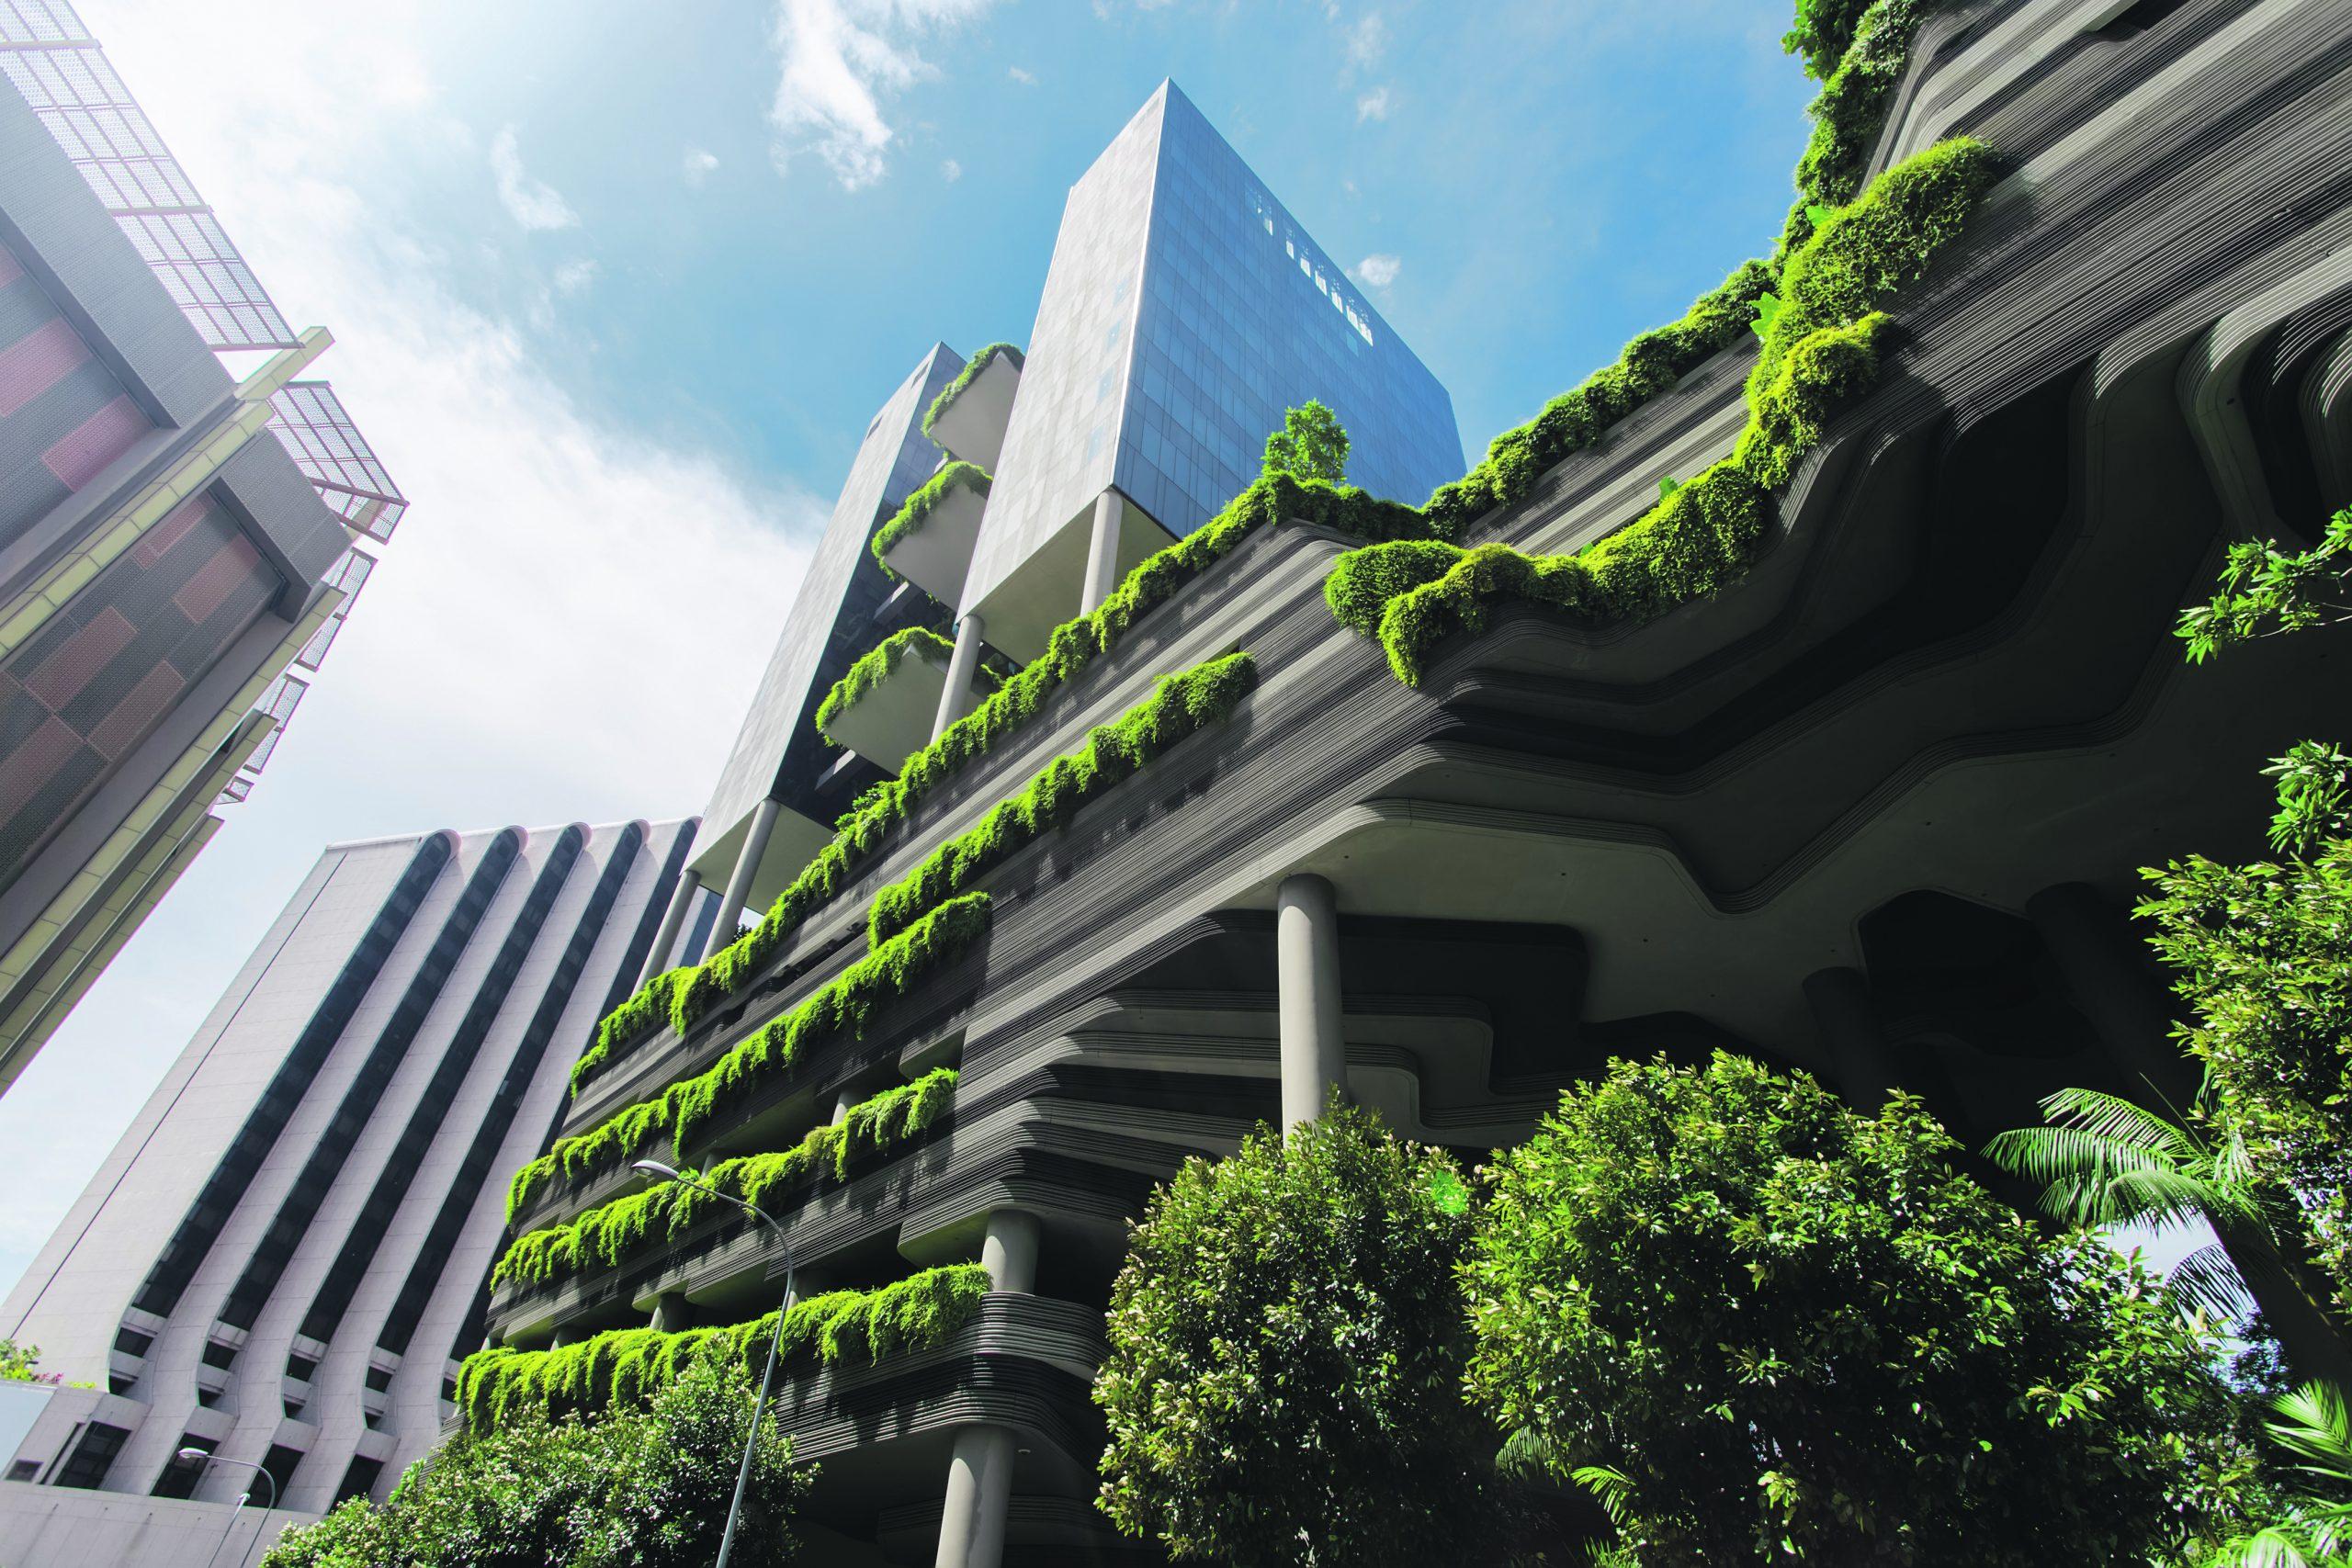 Green nature facade